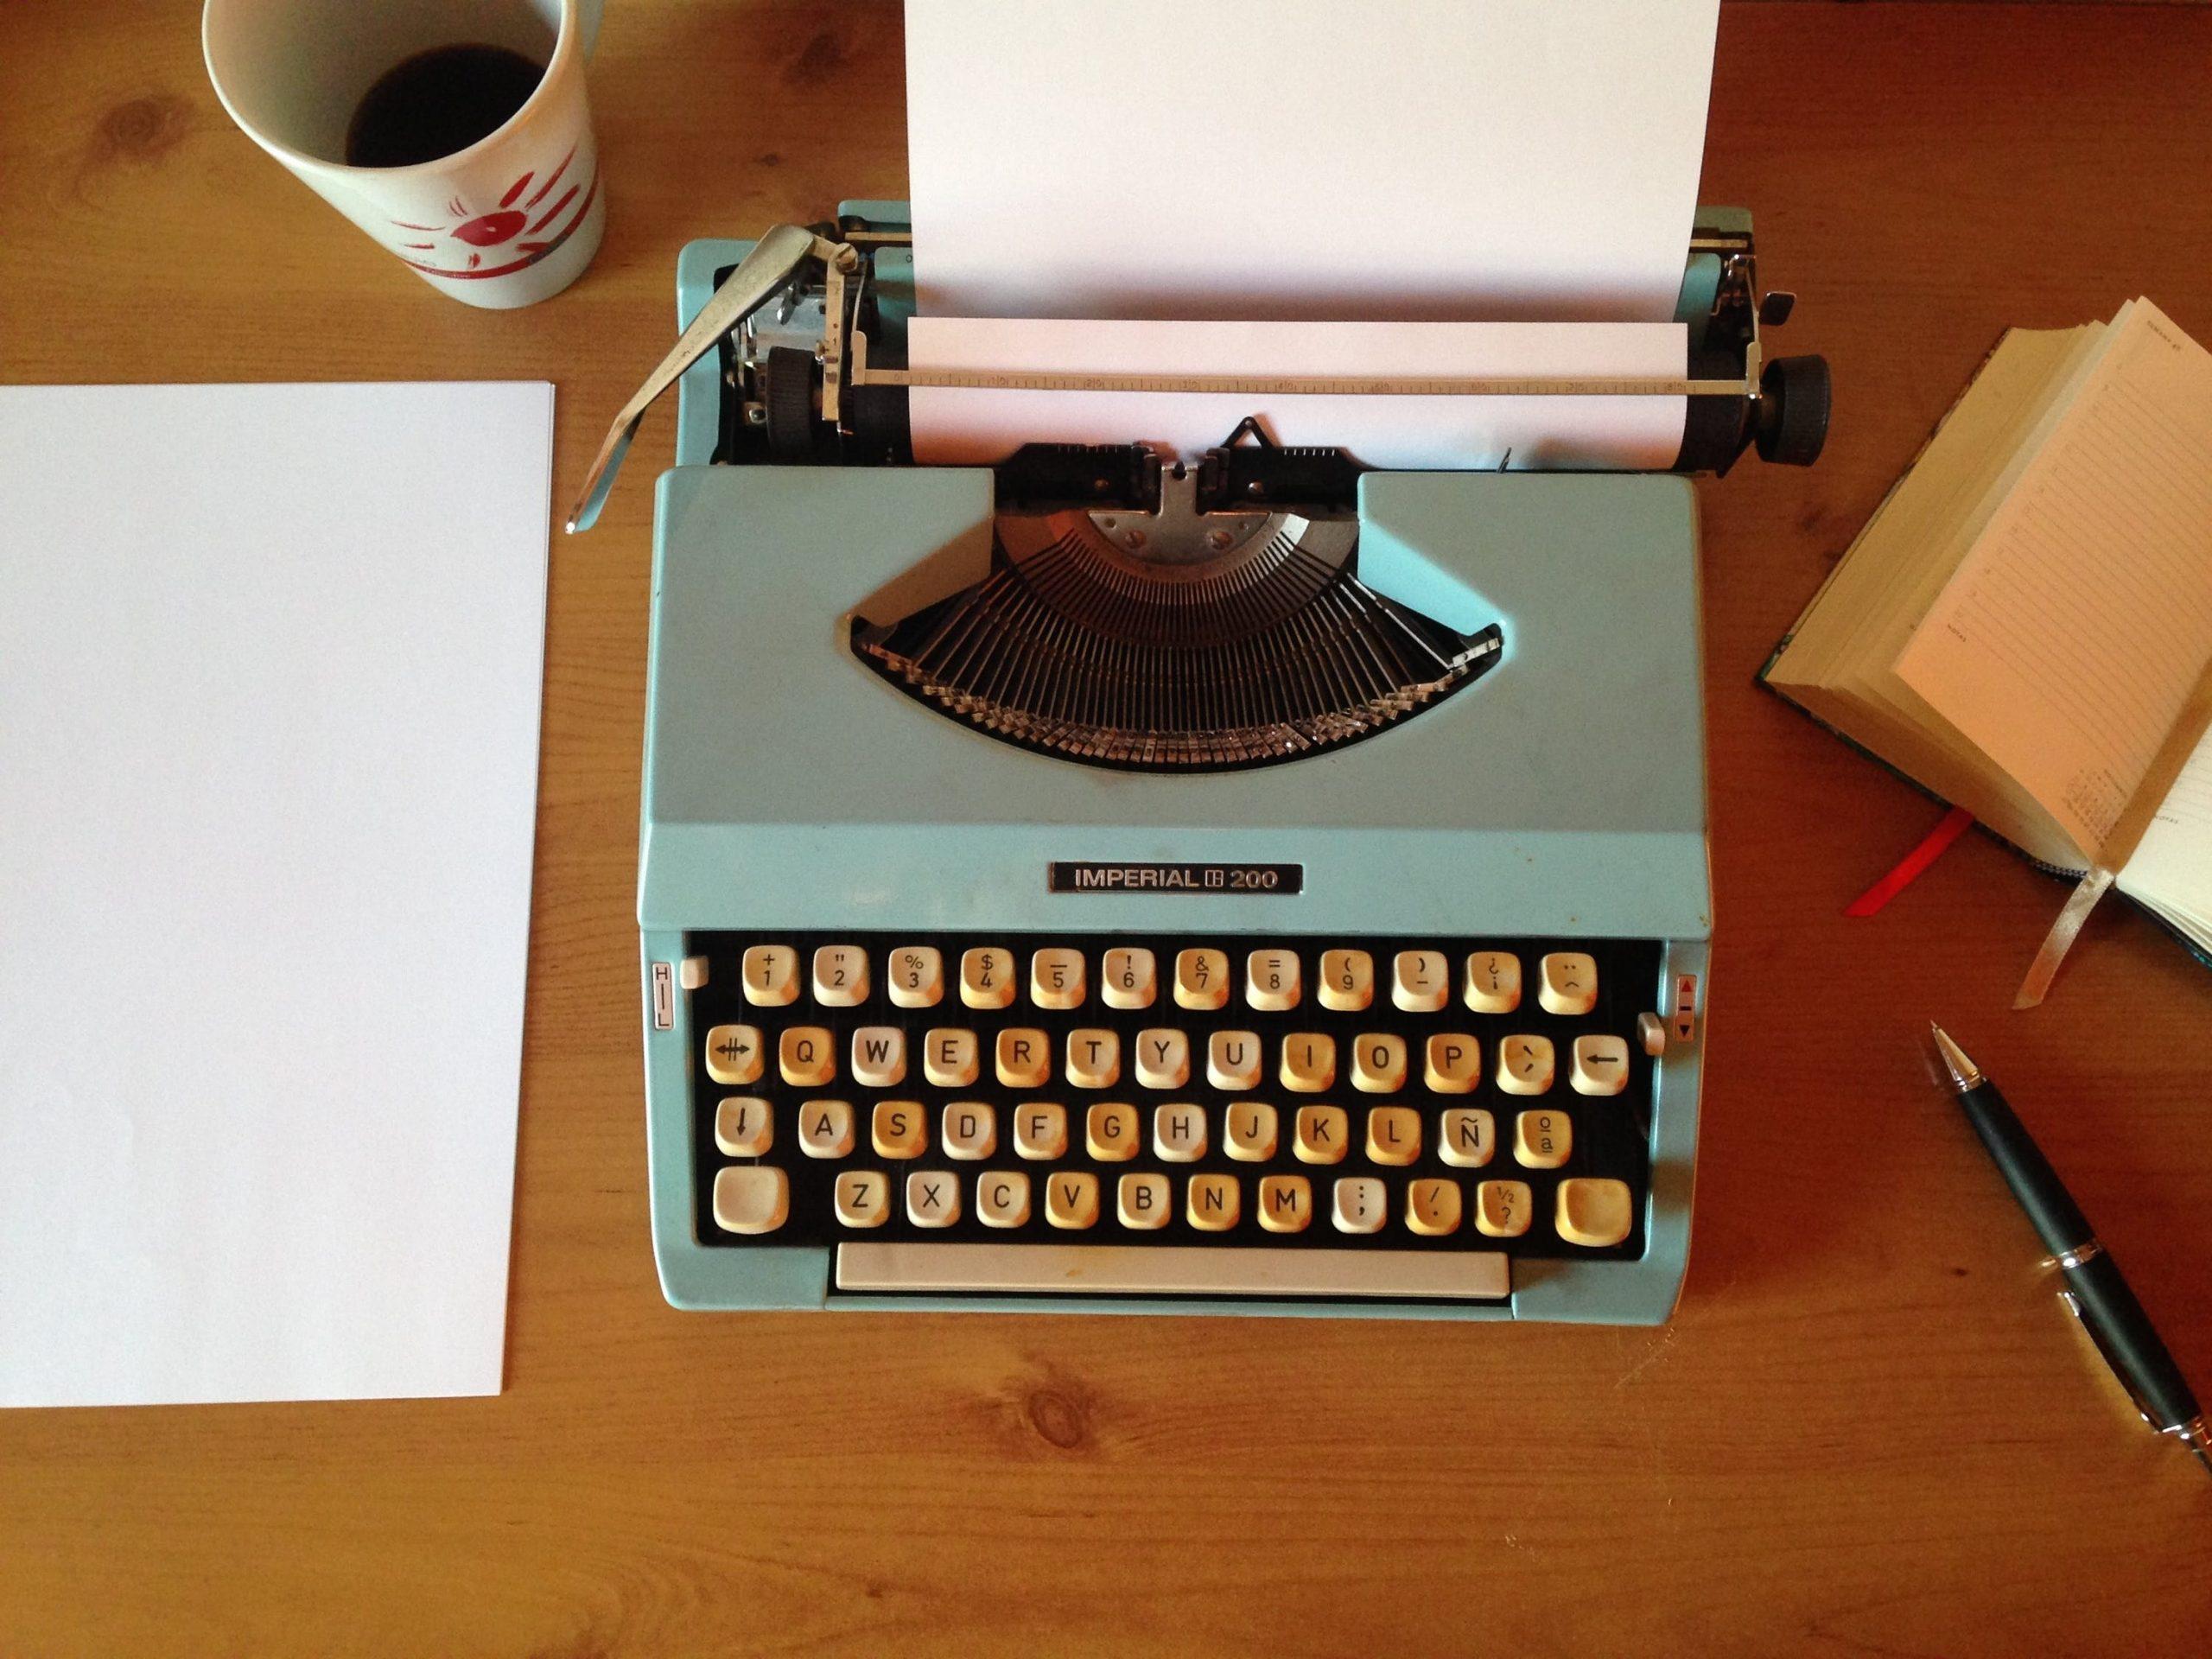 pexels-vintage-typerwriter